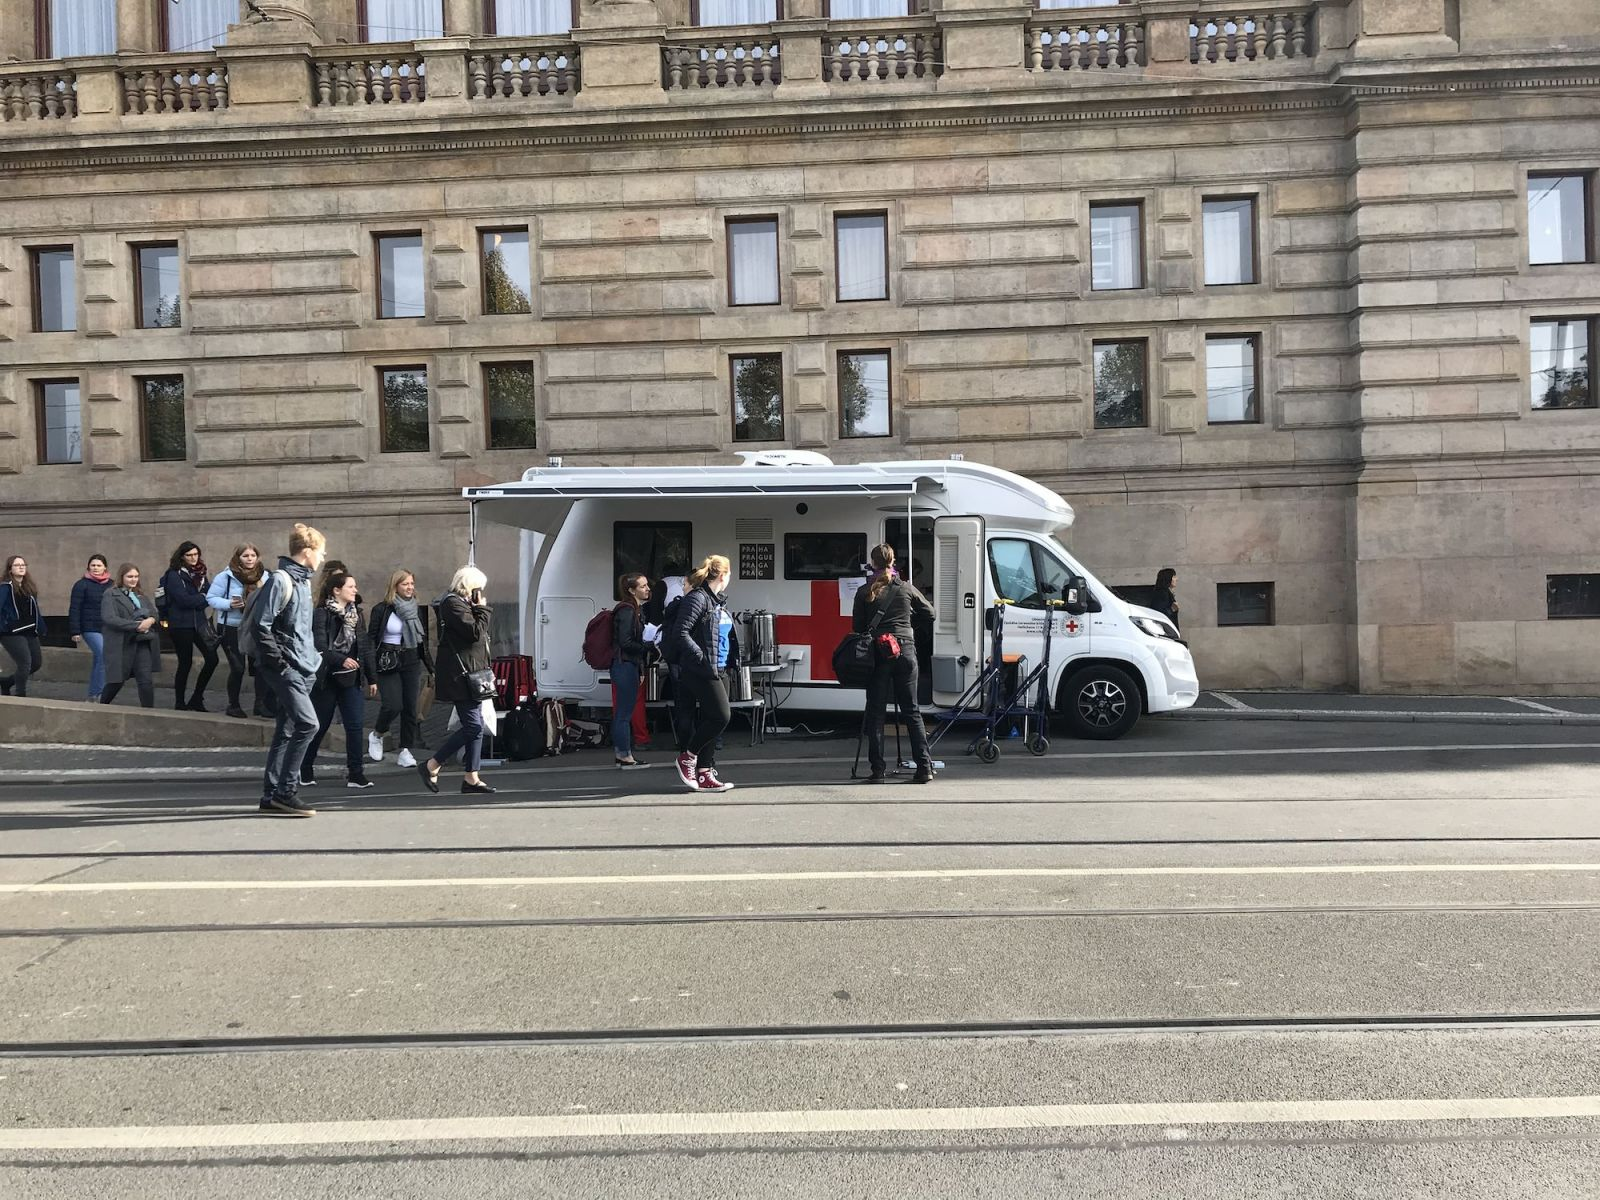 Česko truchlí: Památce Karla Gotta se do Prahy přijely poklonit desetitisíce lidí